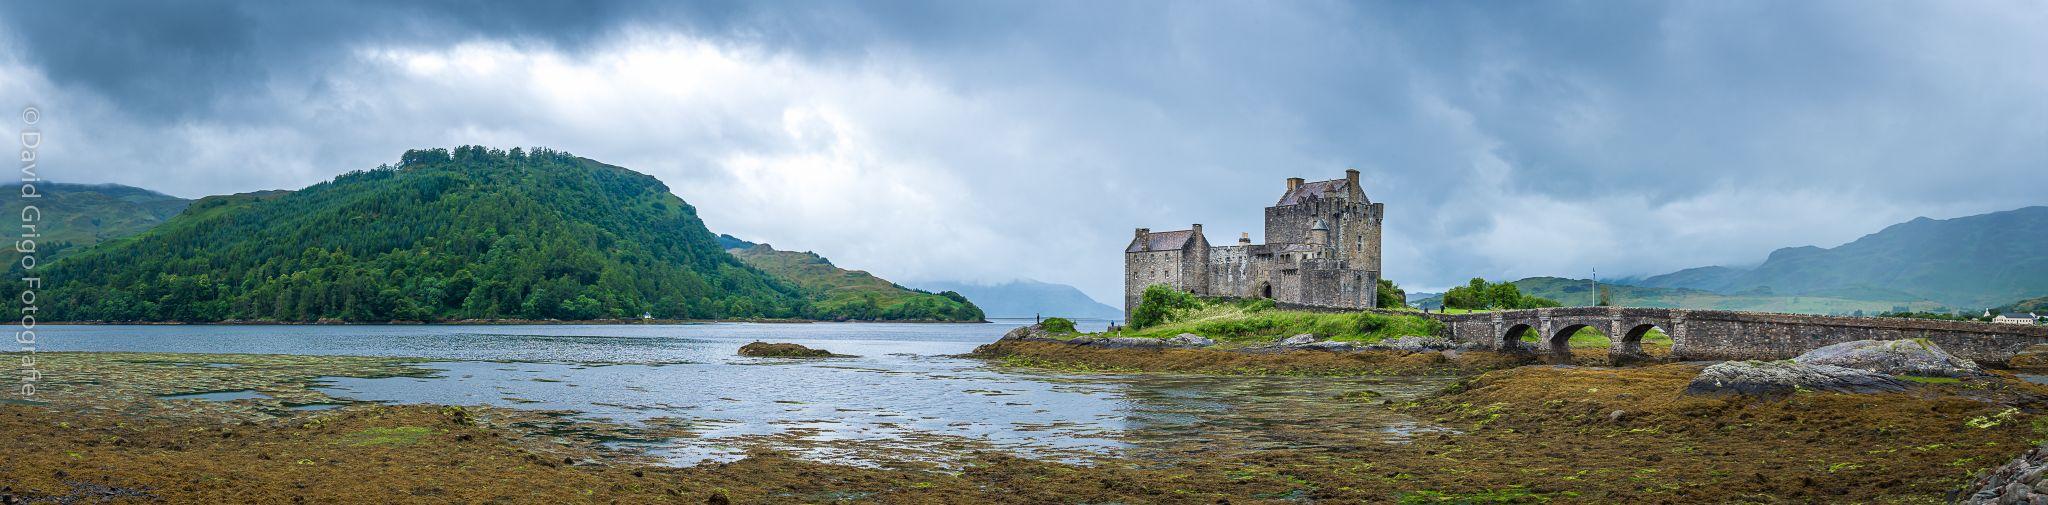 Eilean Donan Castle in profile, United Kingdom